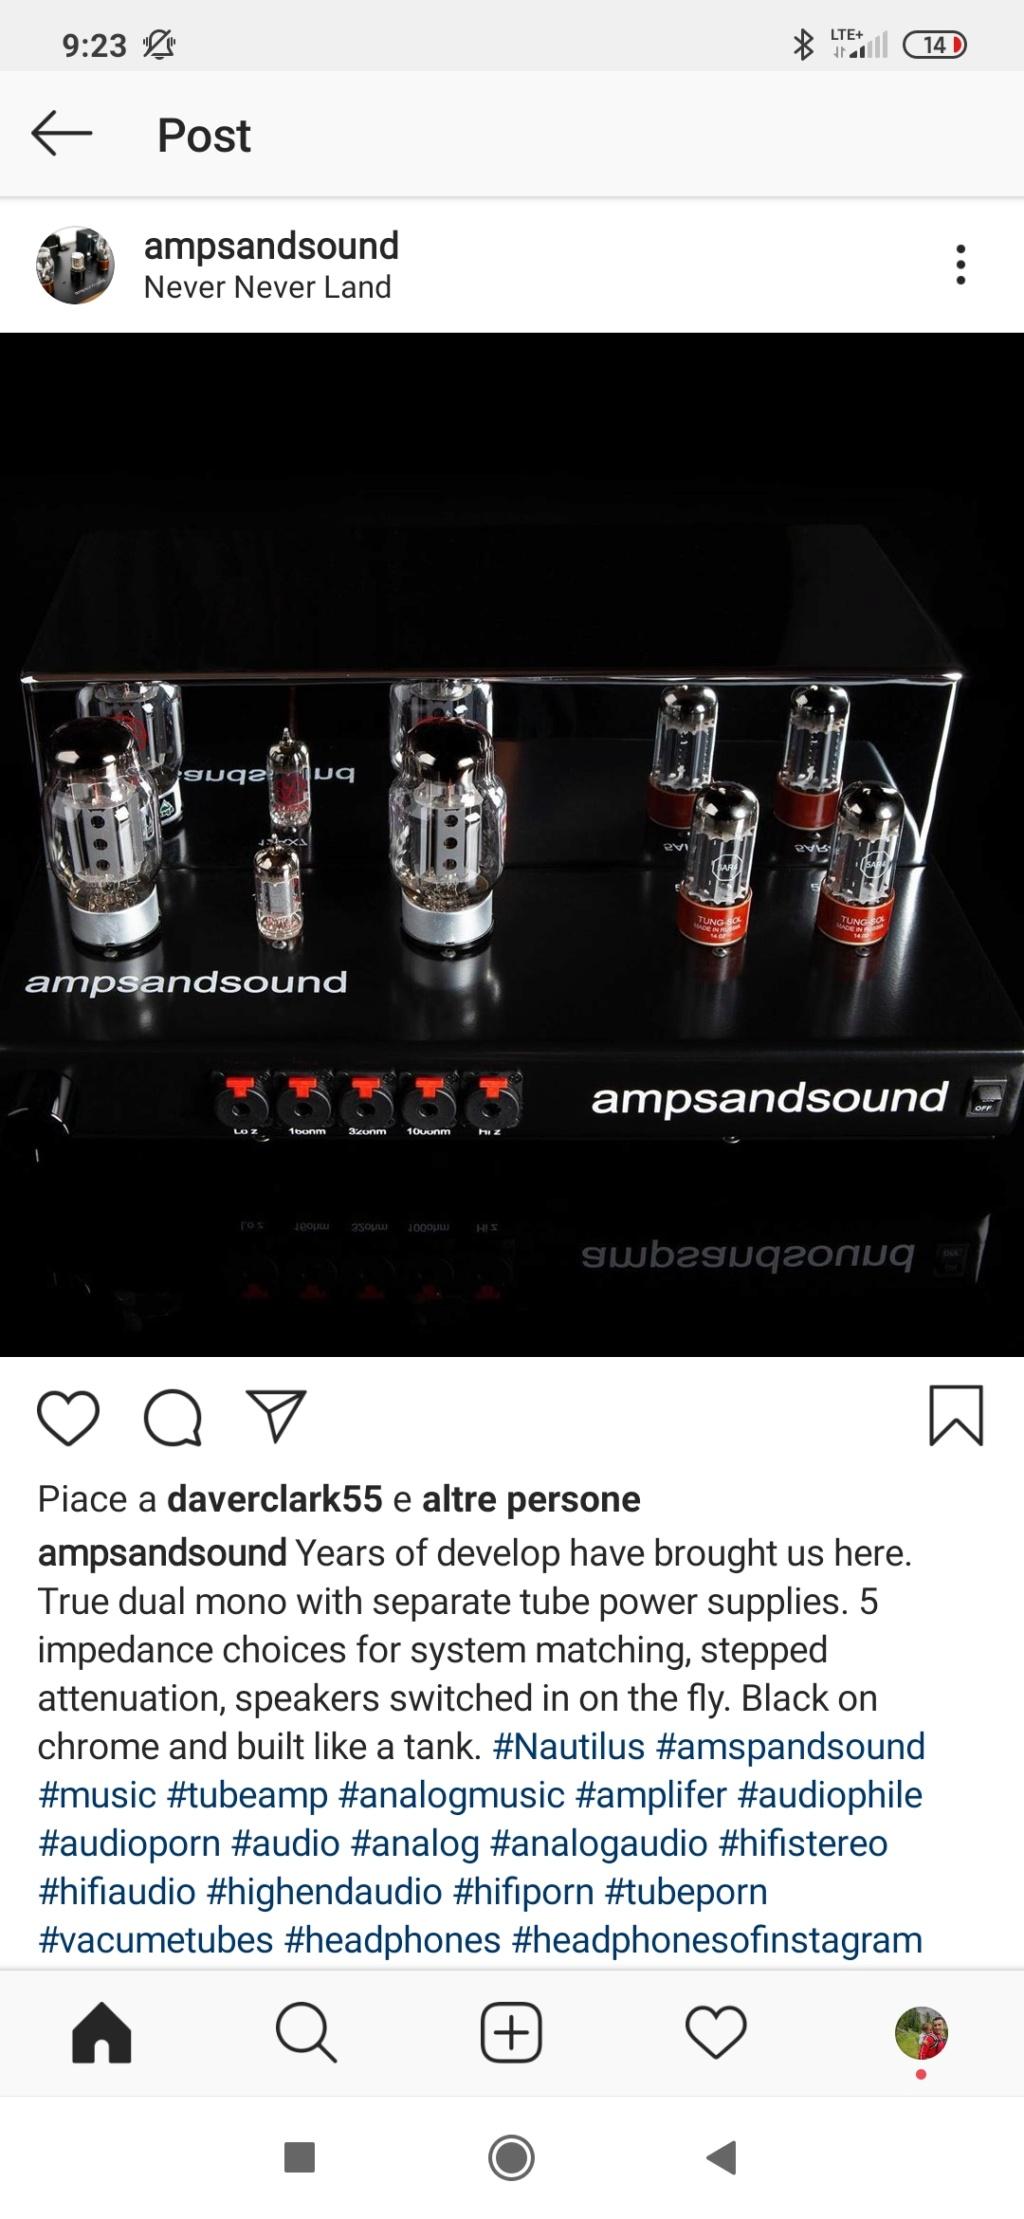 ampsandsound headphones amplifier Screen36